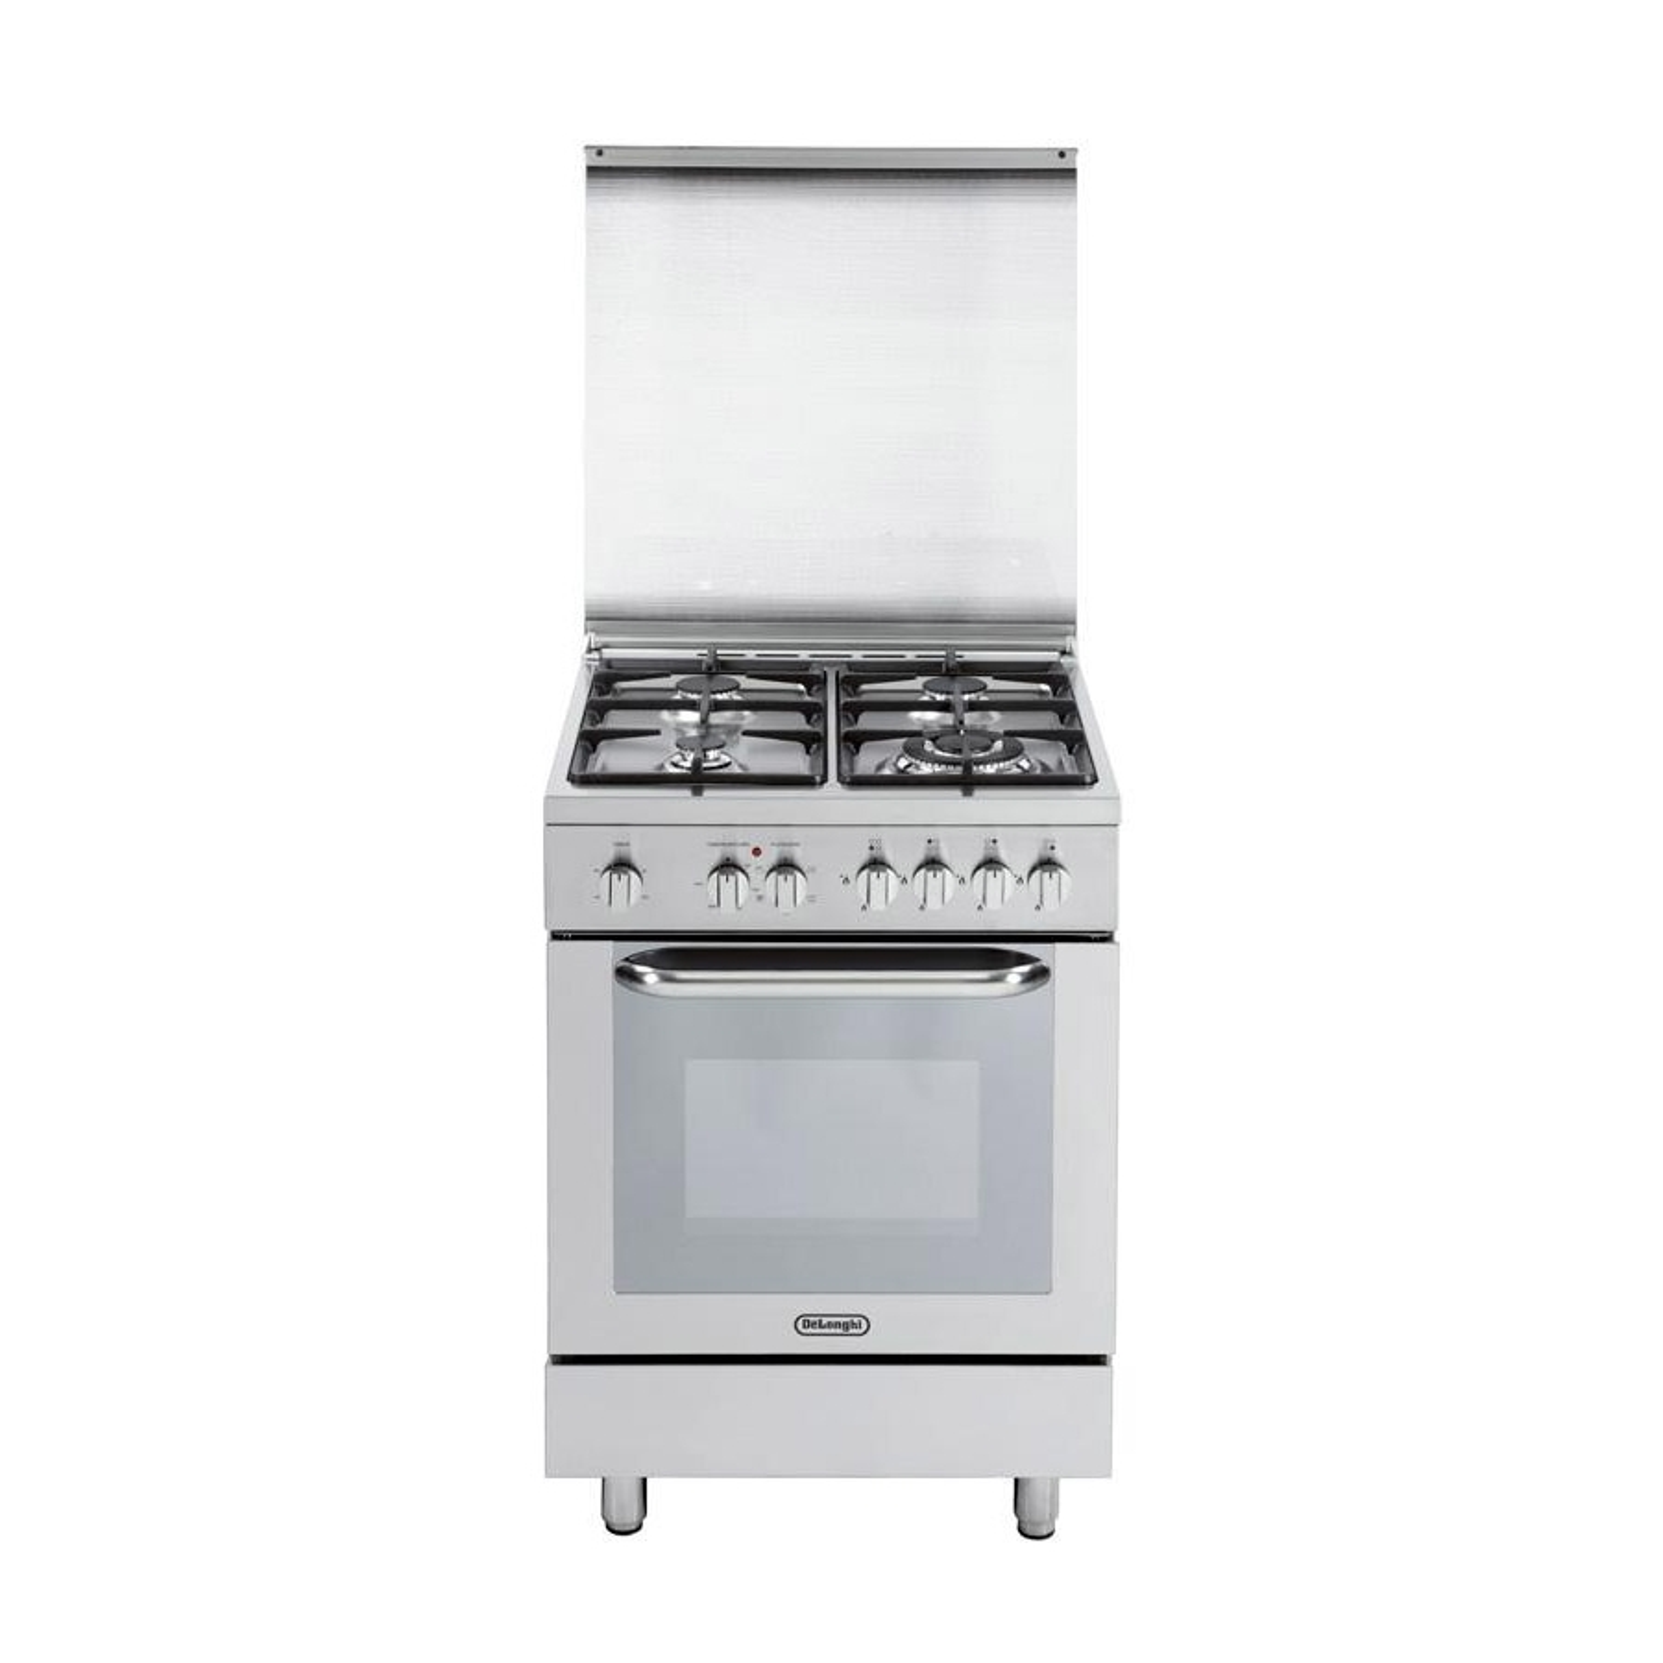 Cucina de longhi demx664 60x60 4 fuochi forno elettrico 6 funzioni inox immediatamente - Cucine a gas samsung ...